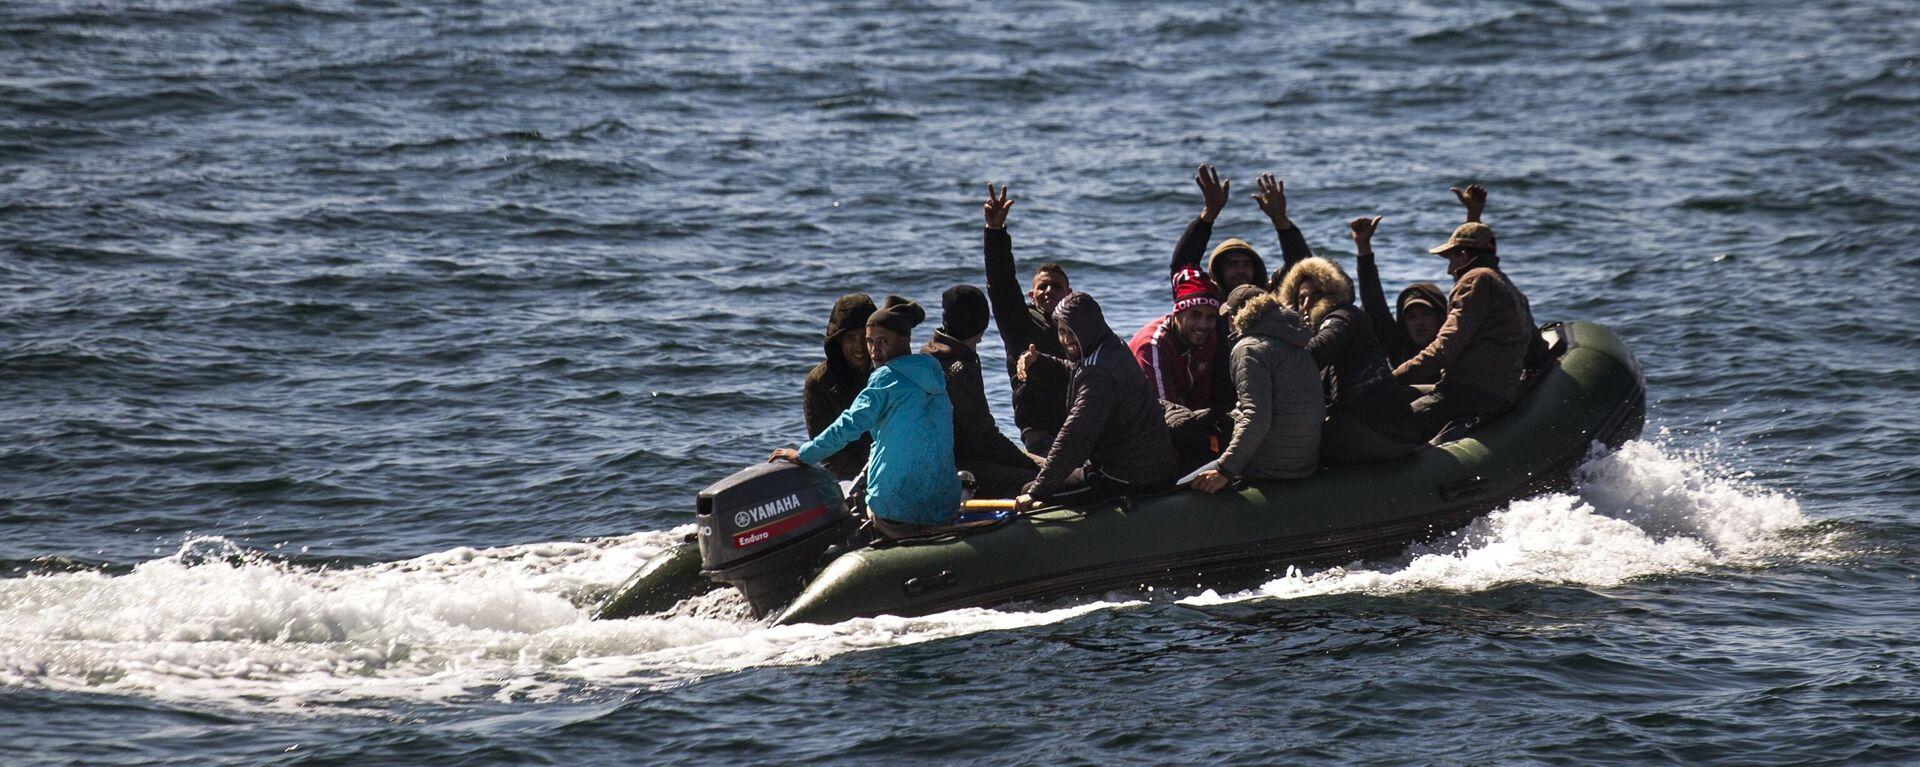 Boot mit illegalen Migranten - SNA, 1920, 20.07.2021